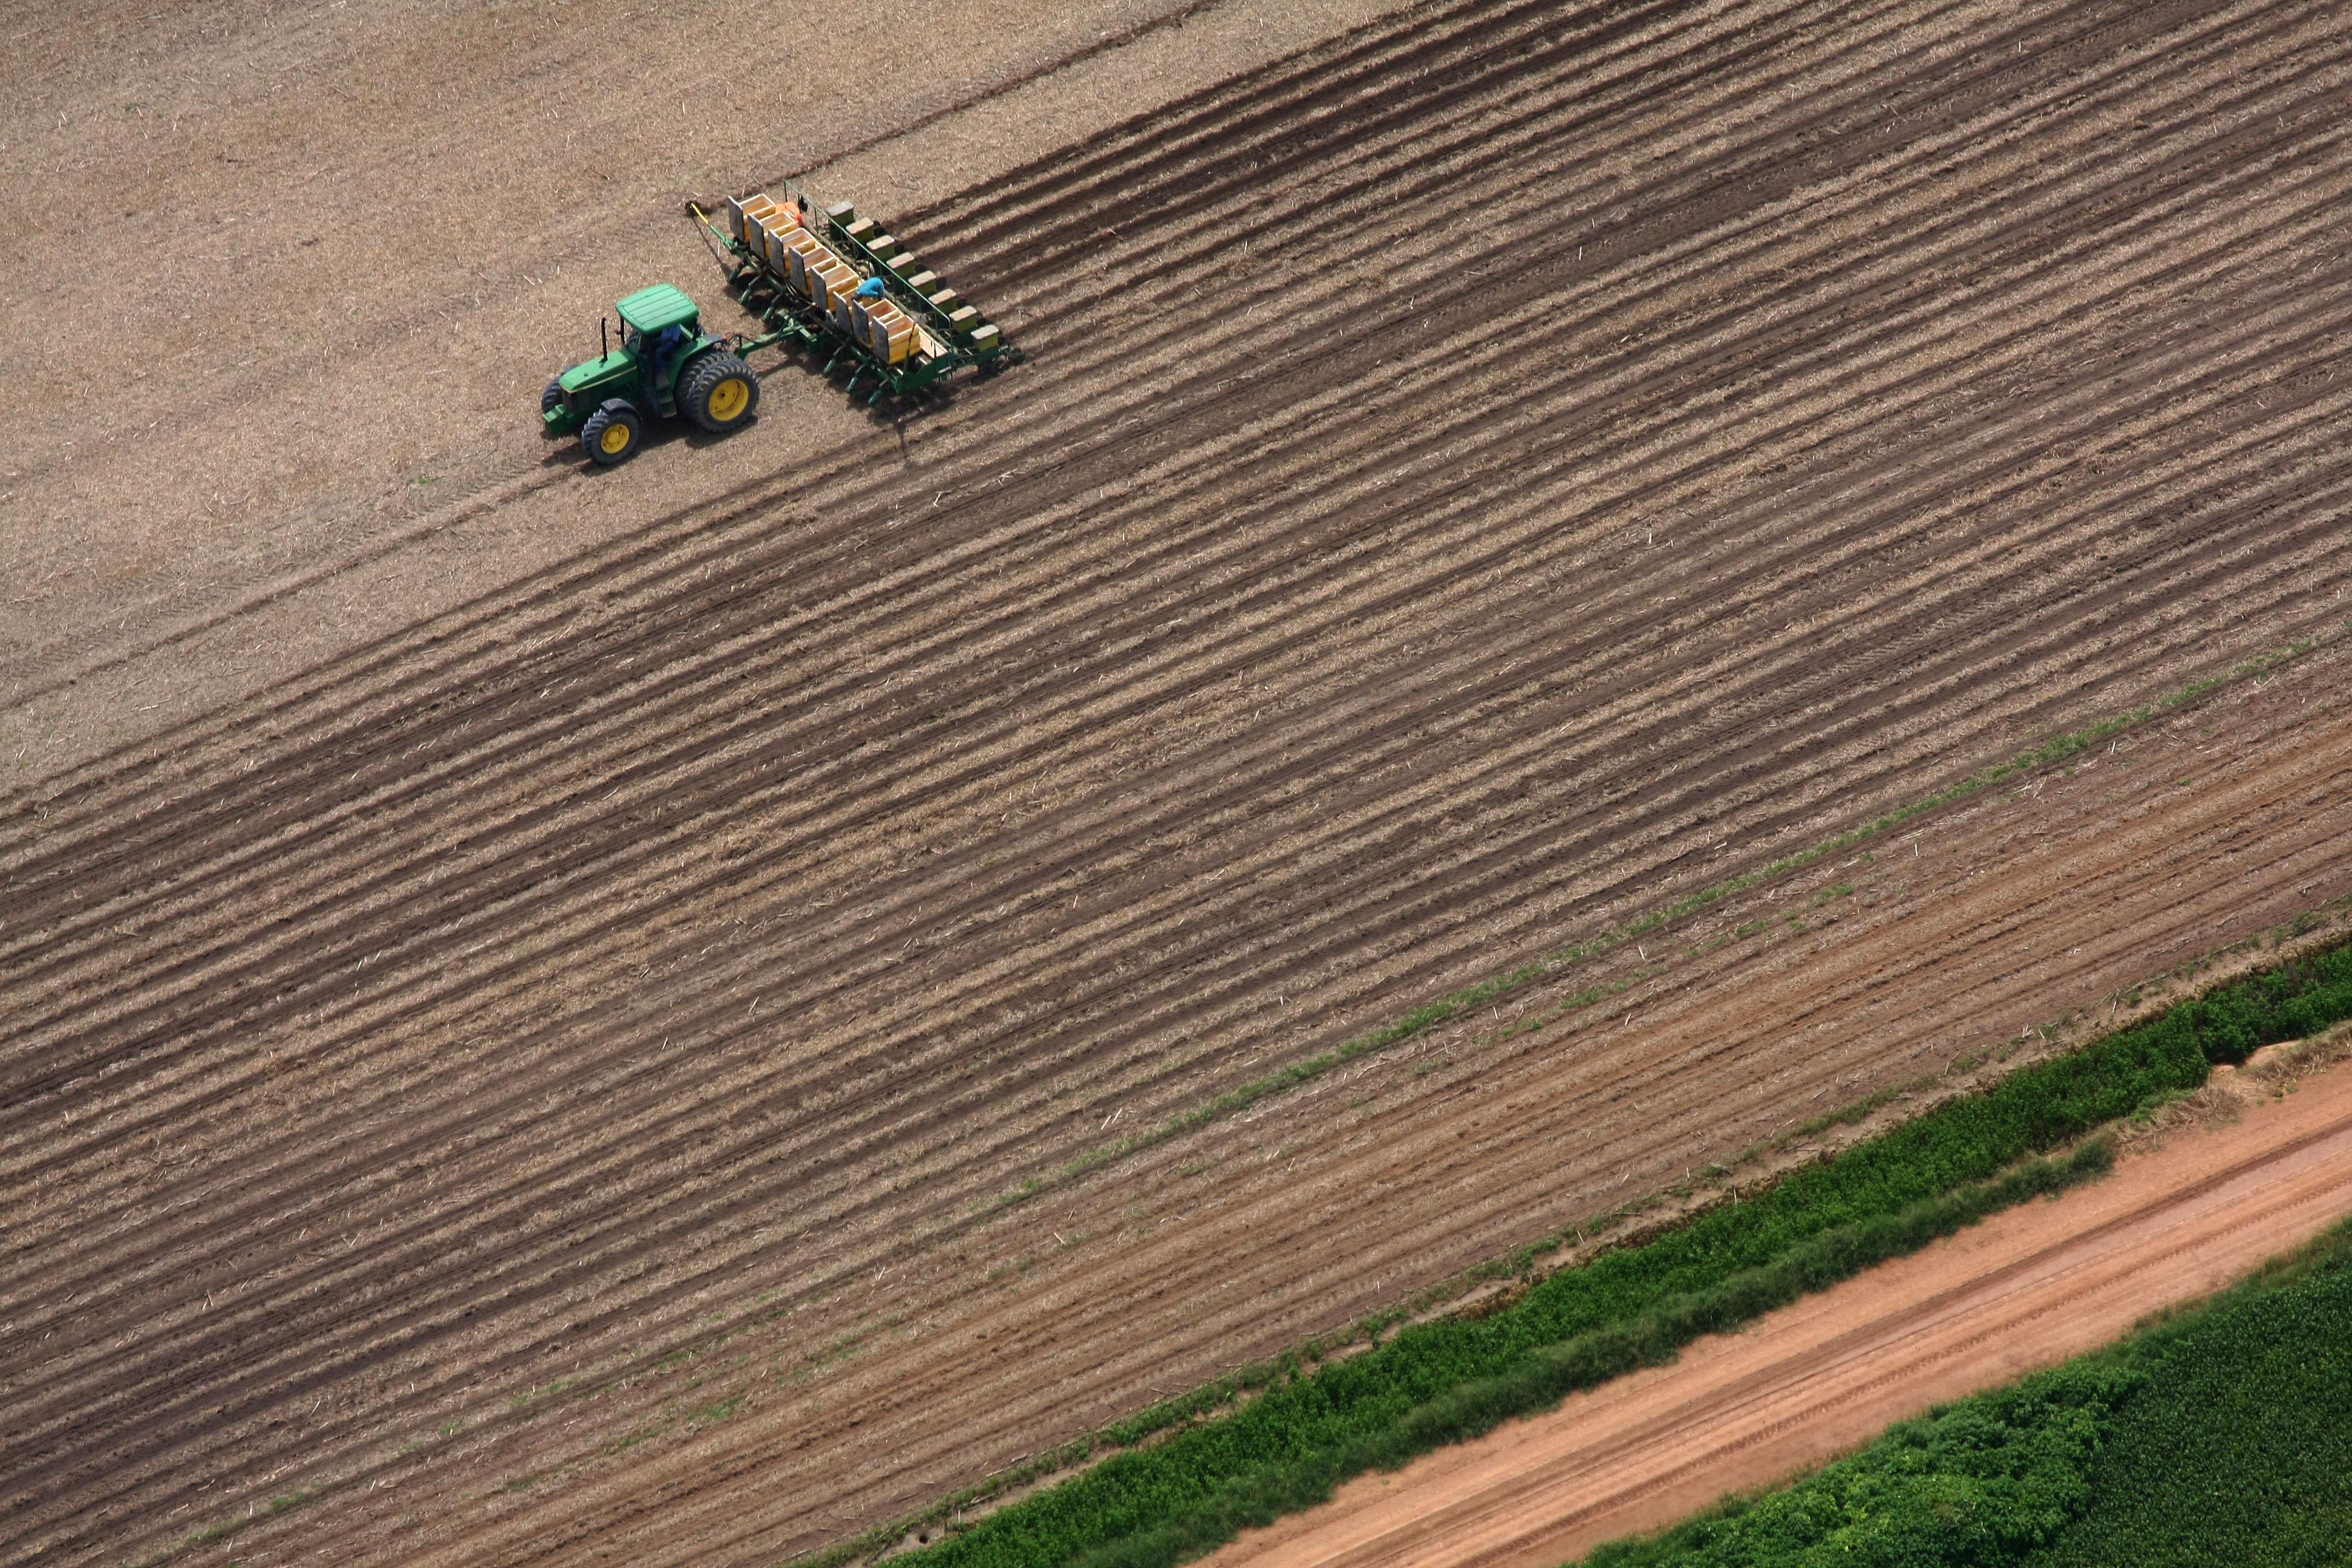 Sustentabilidade da agricultura na Amazônia – 4: O perigo de mudar para caminhos insustentáveis